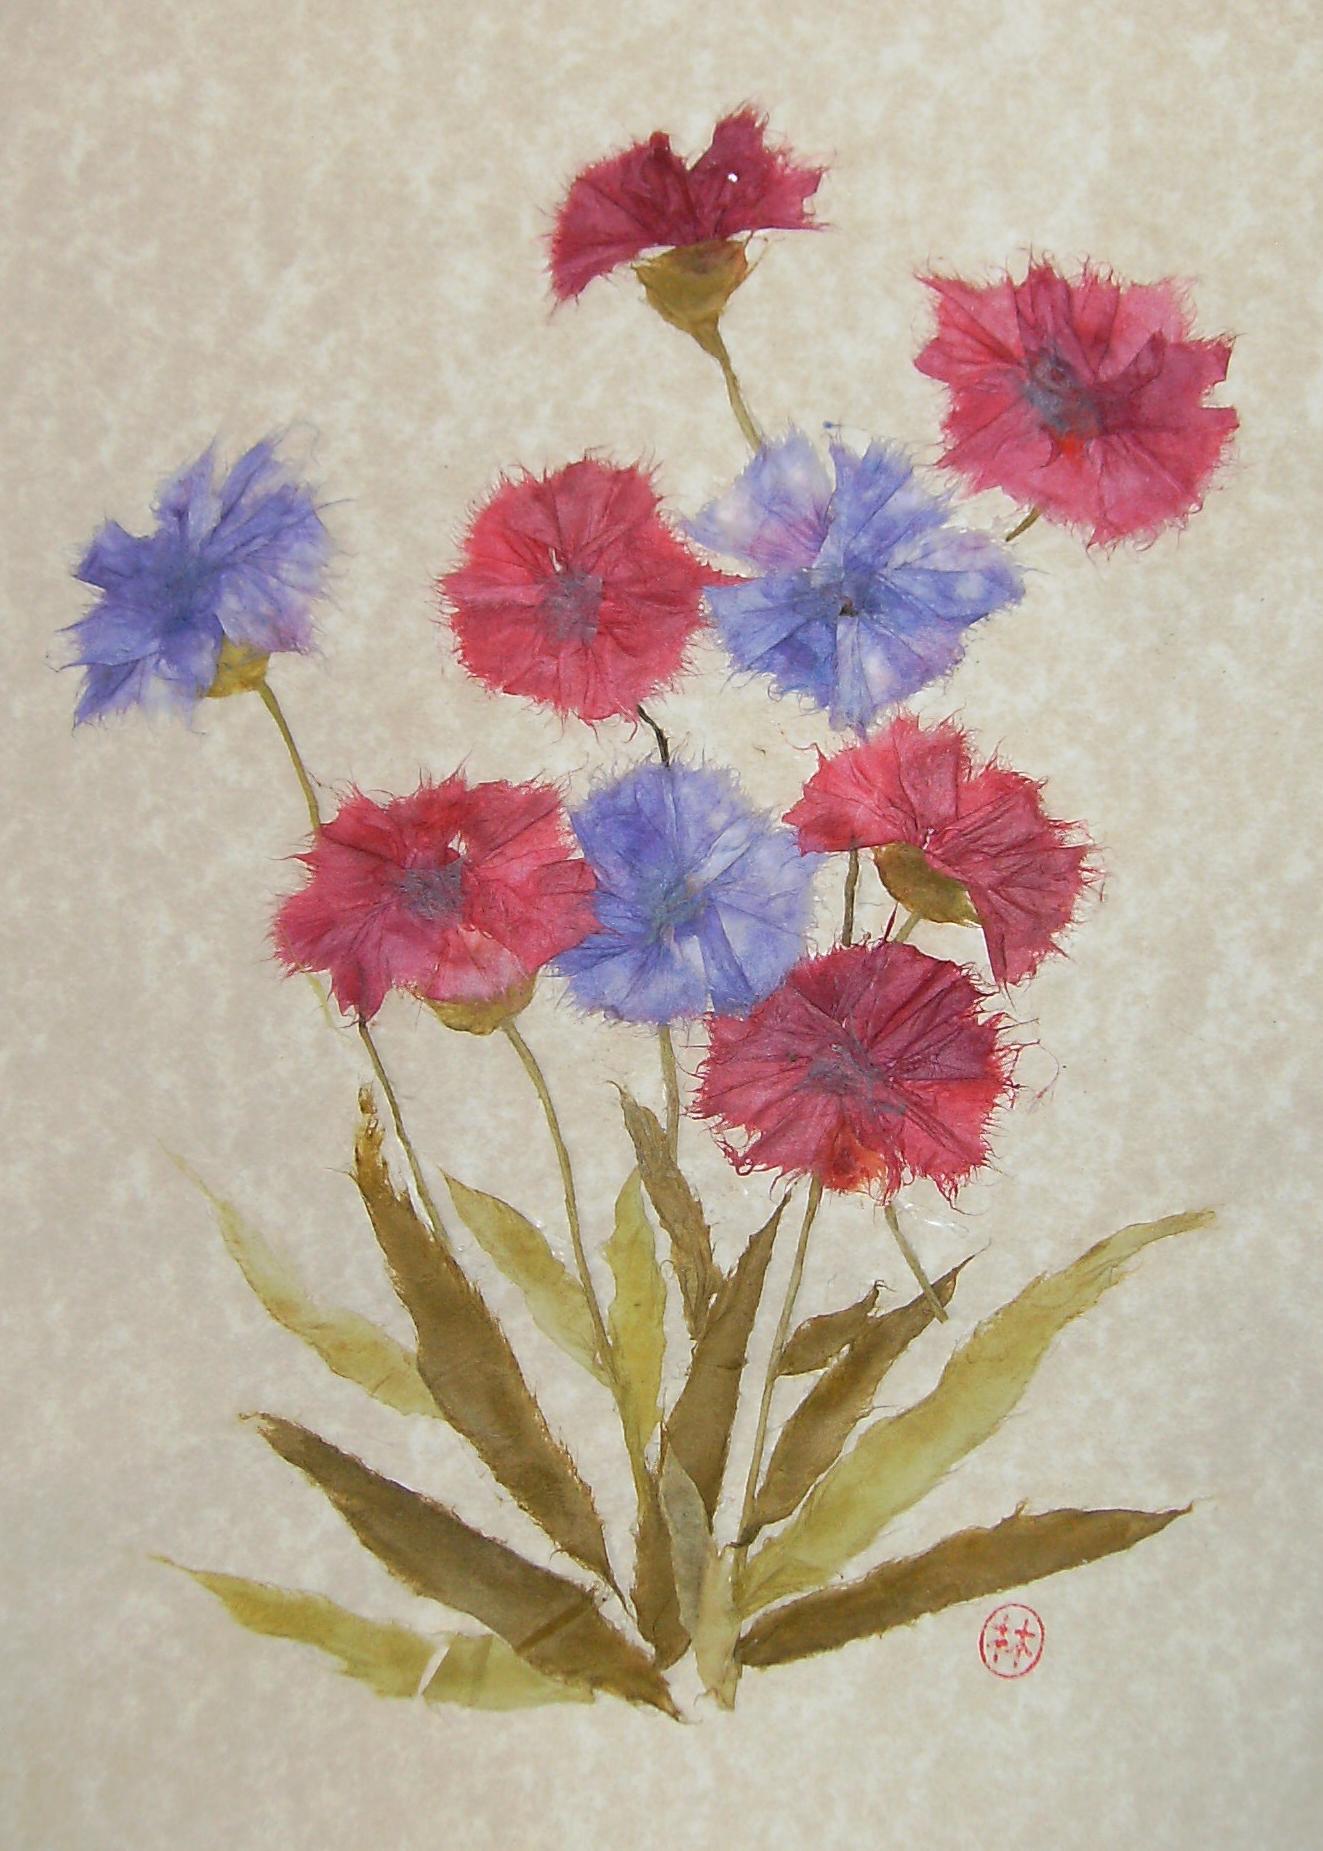 Shuko shikauchi japanese english interpreting translating ghost torn paper art wild flowers mightylinksfo